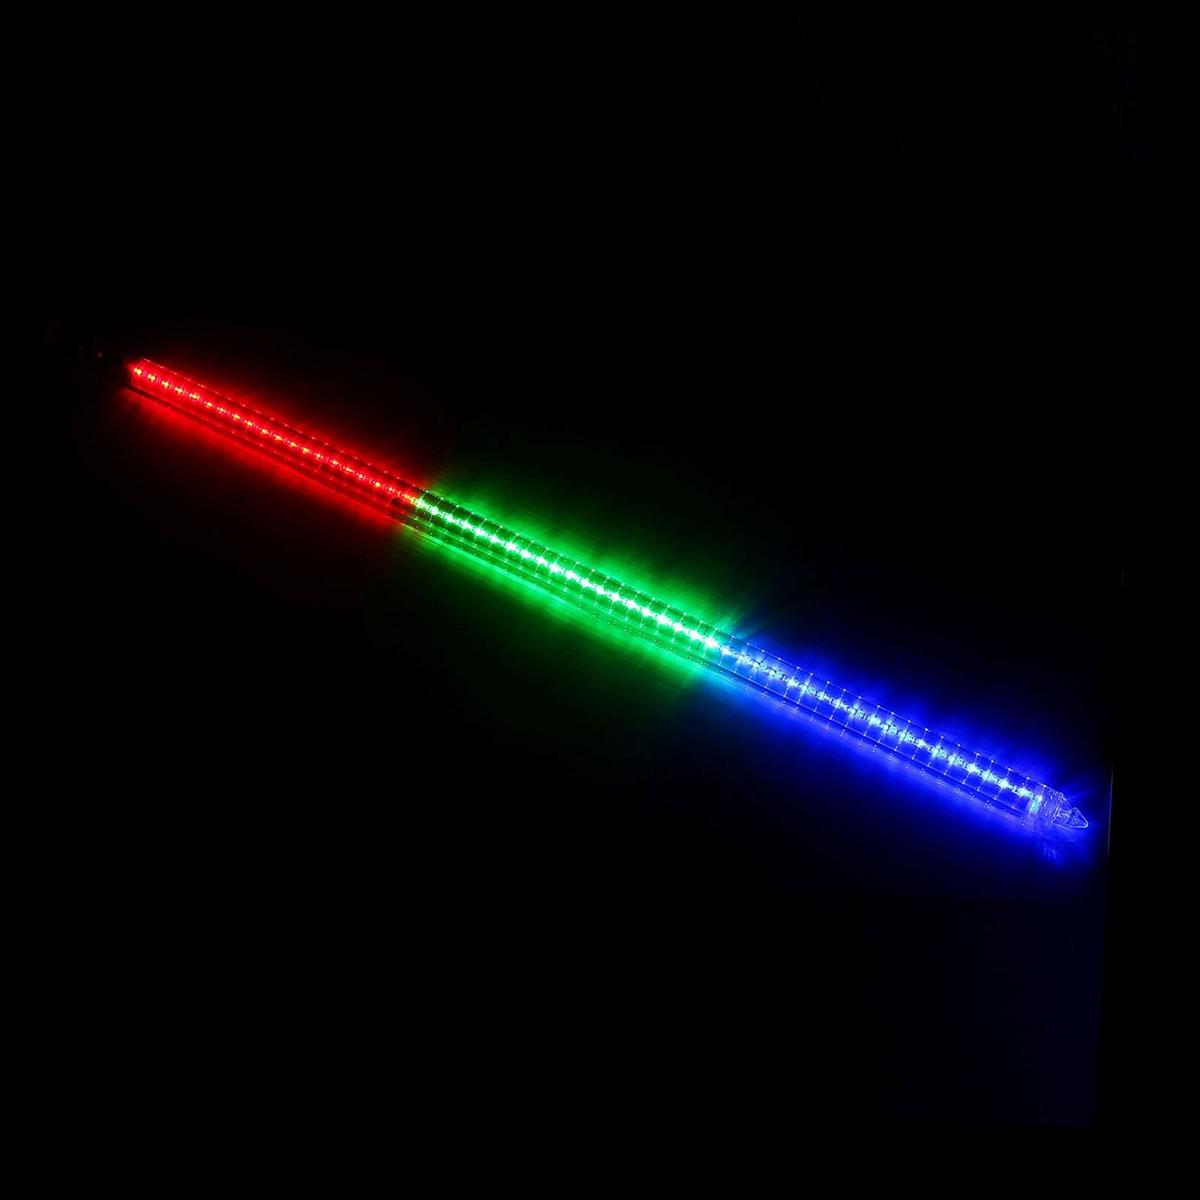 Светодиодная сосулька Luazon Тающая, длина 1 м, диаметр 3 см, LED 60 ламп, 220V, цвет: мультиколор501-217Светодиодные гирлянды, ленты и т.д — это отличный вариант для новогоднего оформления интерьера или фасада. С их помощью помещение любого размера можно превратить в праздничный зал, а внешние элементы зданий, украшенные ими, мгновенно станут напоминать очертания сказочного дворца. Такие украшения создают ауру предвкушения чуда. Деревья, фасады, витрины, окна и арки будто специально созданы, чтобы вы украсили их светящимися нитями.